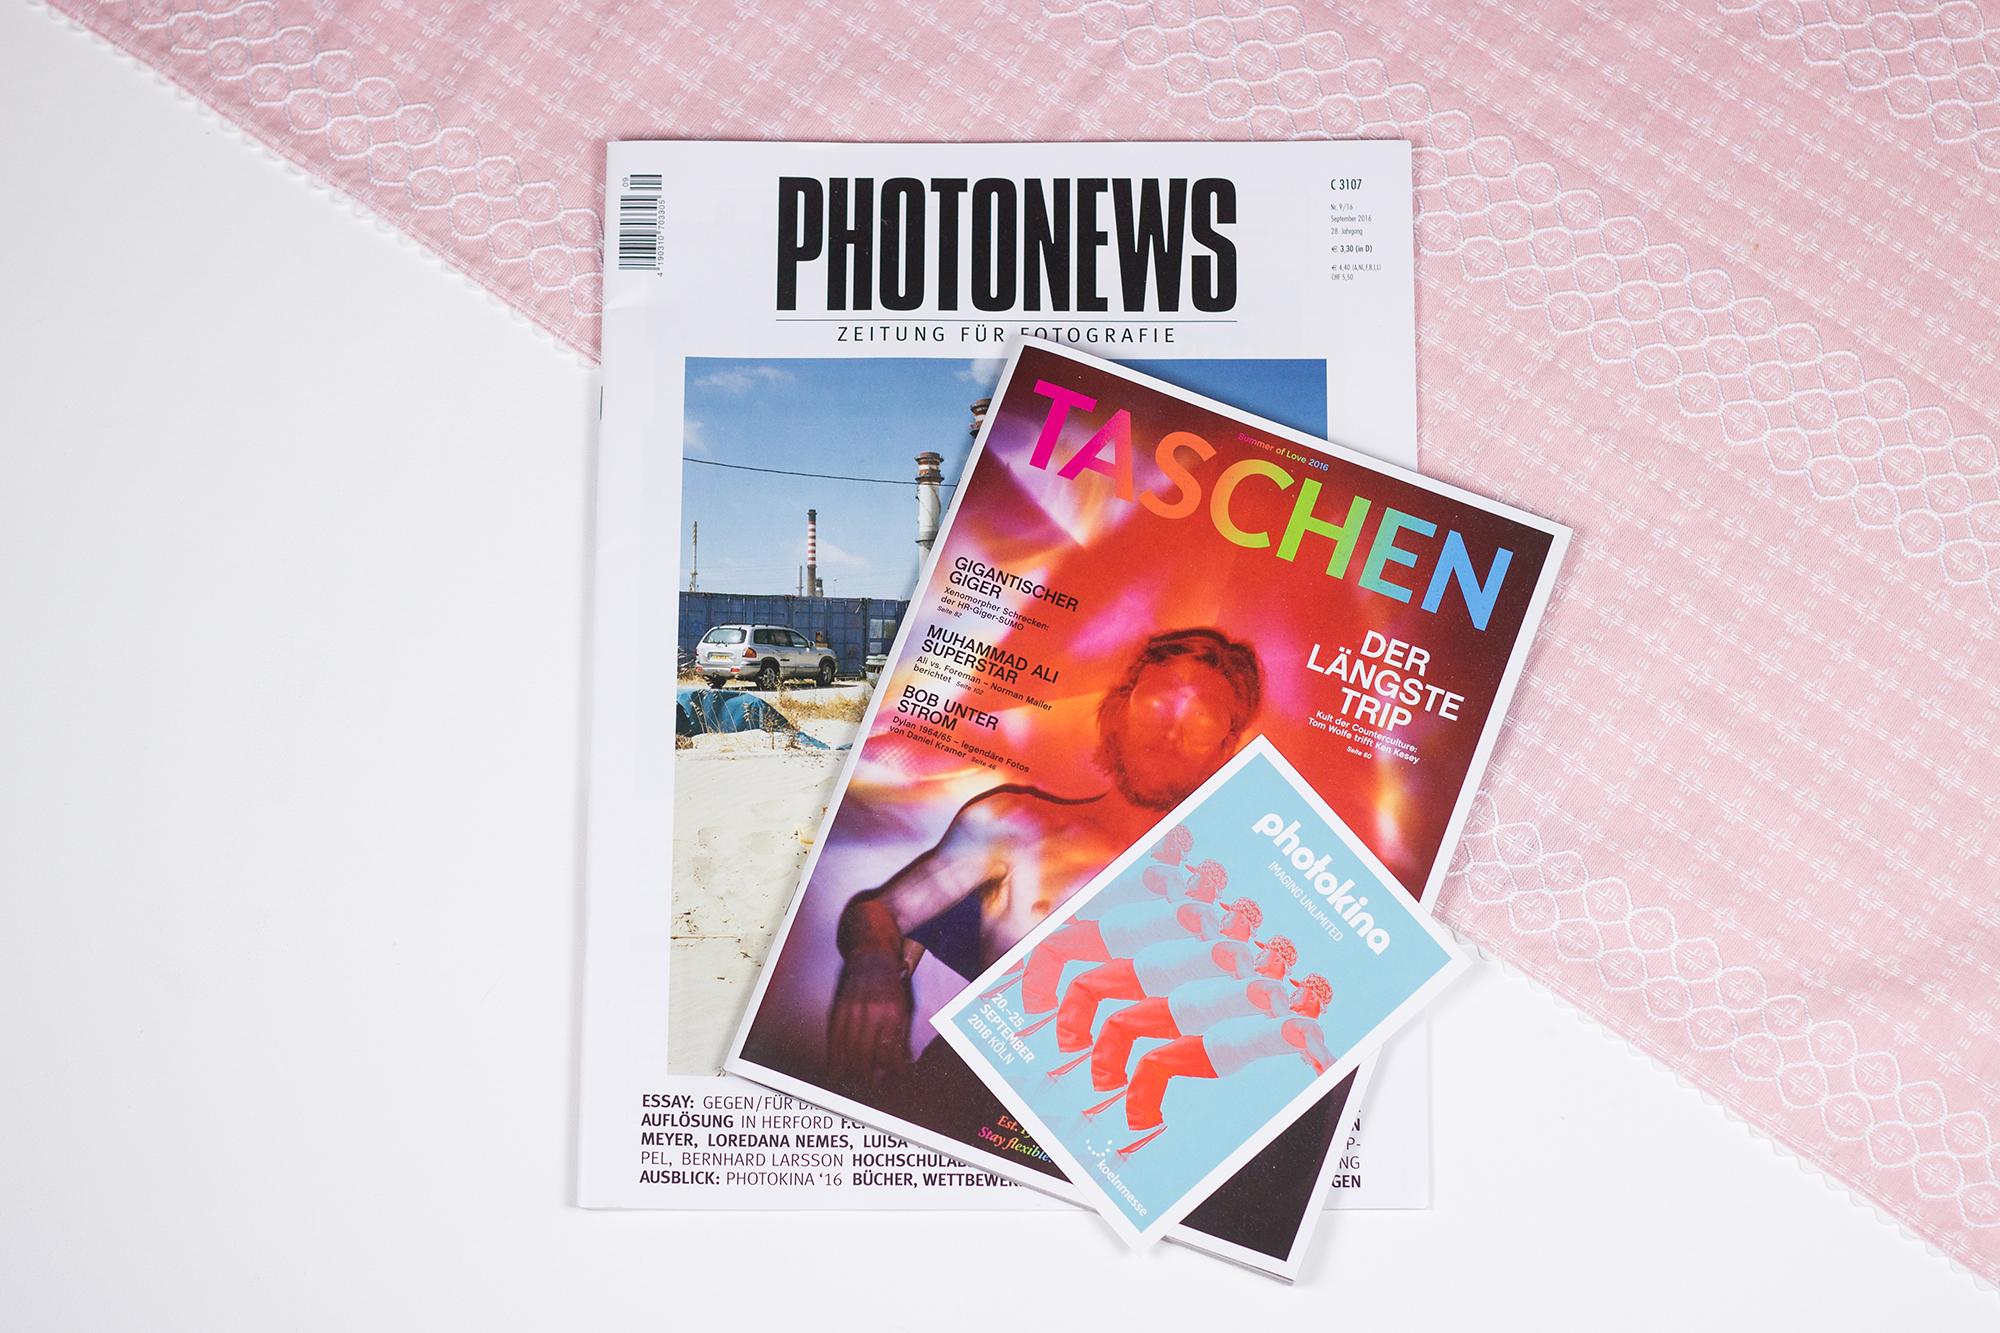 photonews-zeitschriften-kwerbox-2000